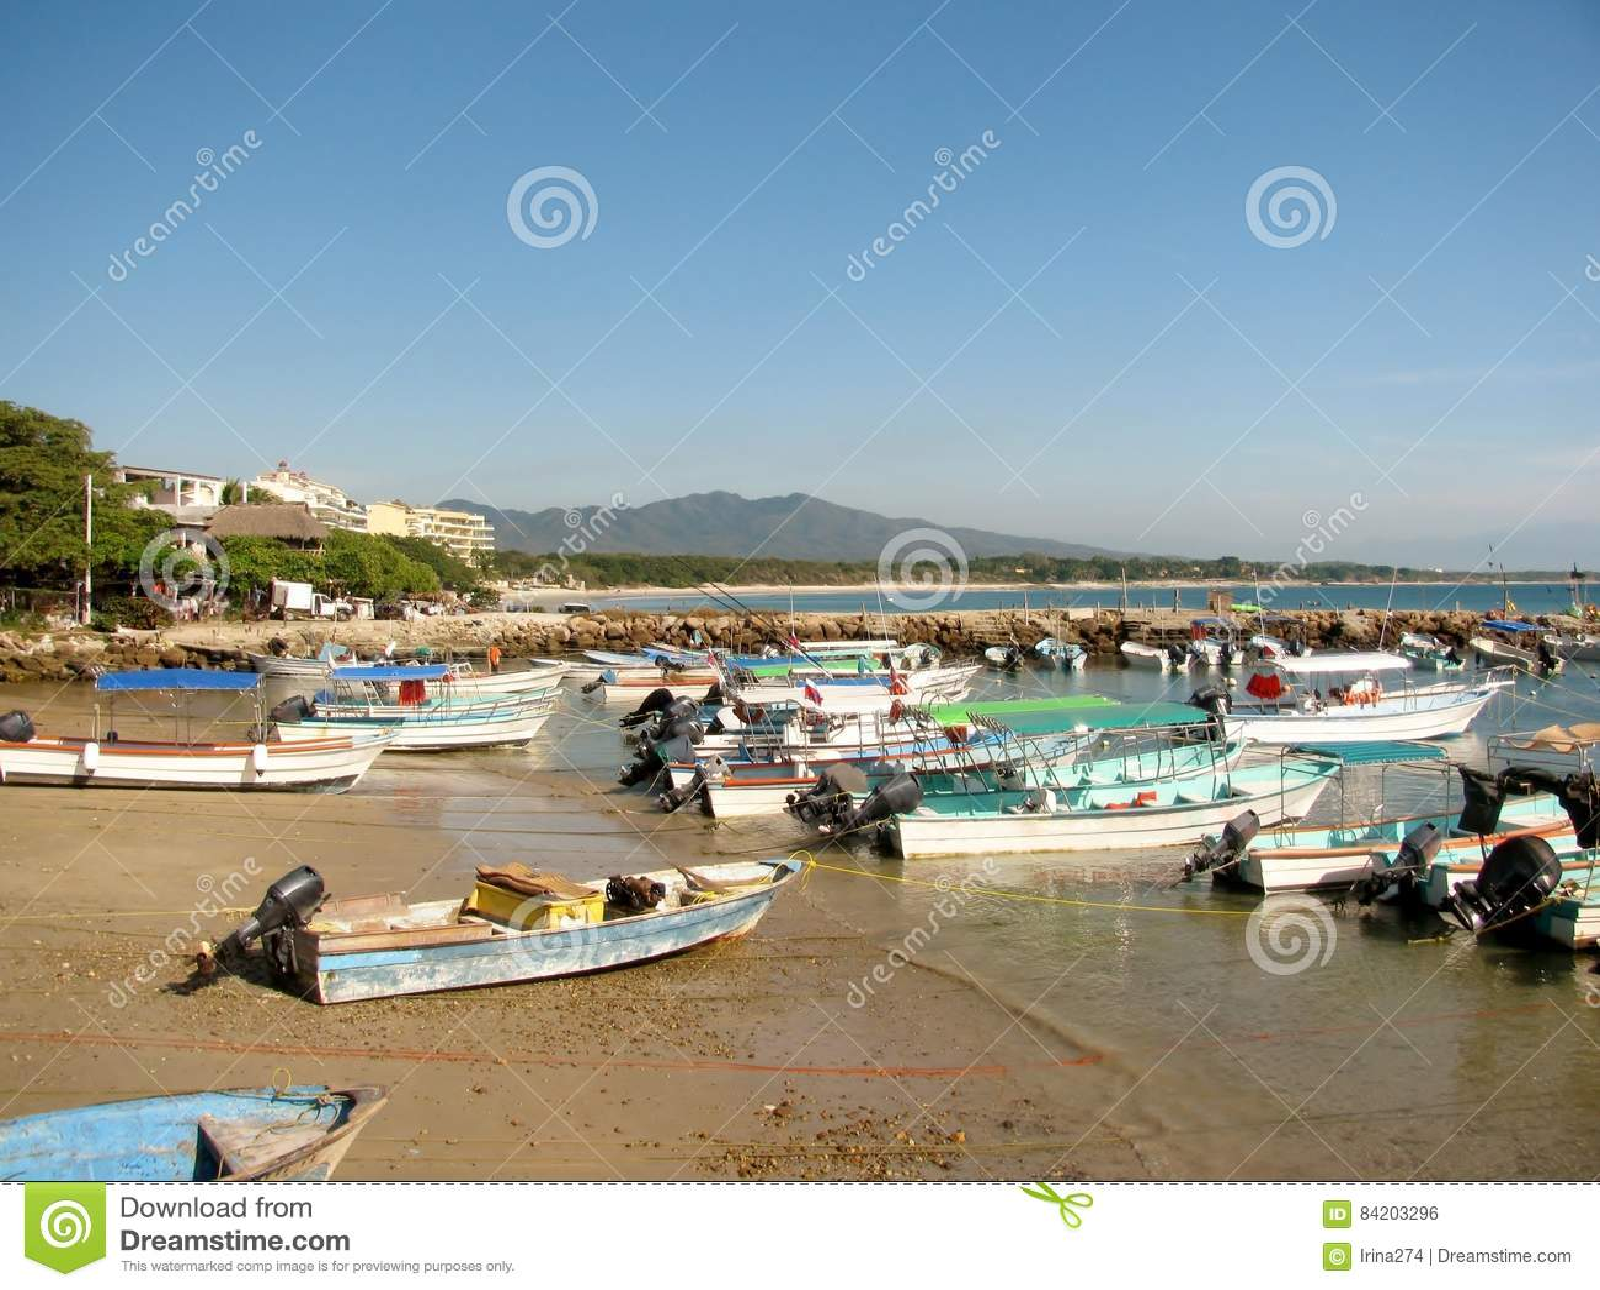 Boats in Punta Mita Nayarit, Mexico